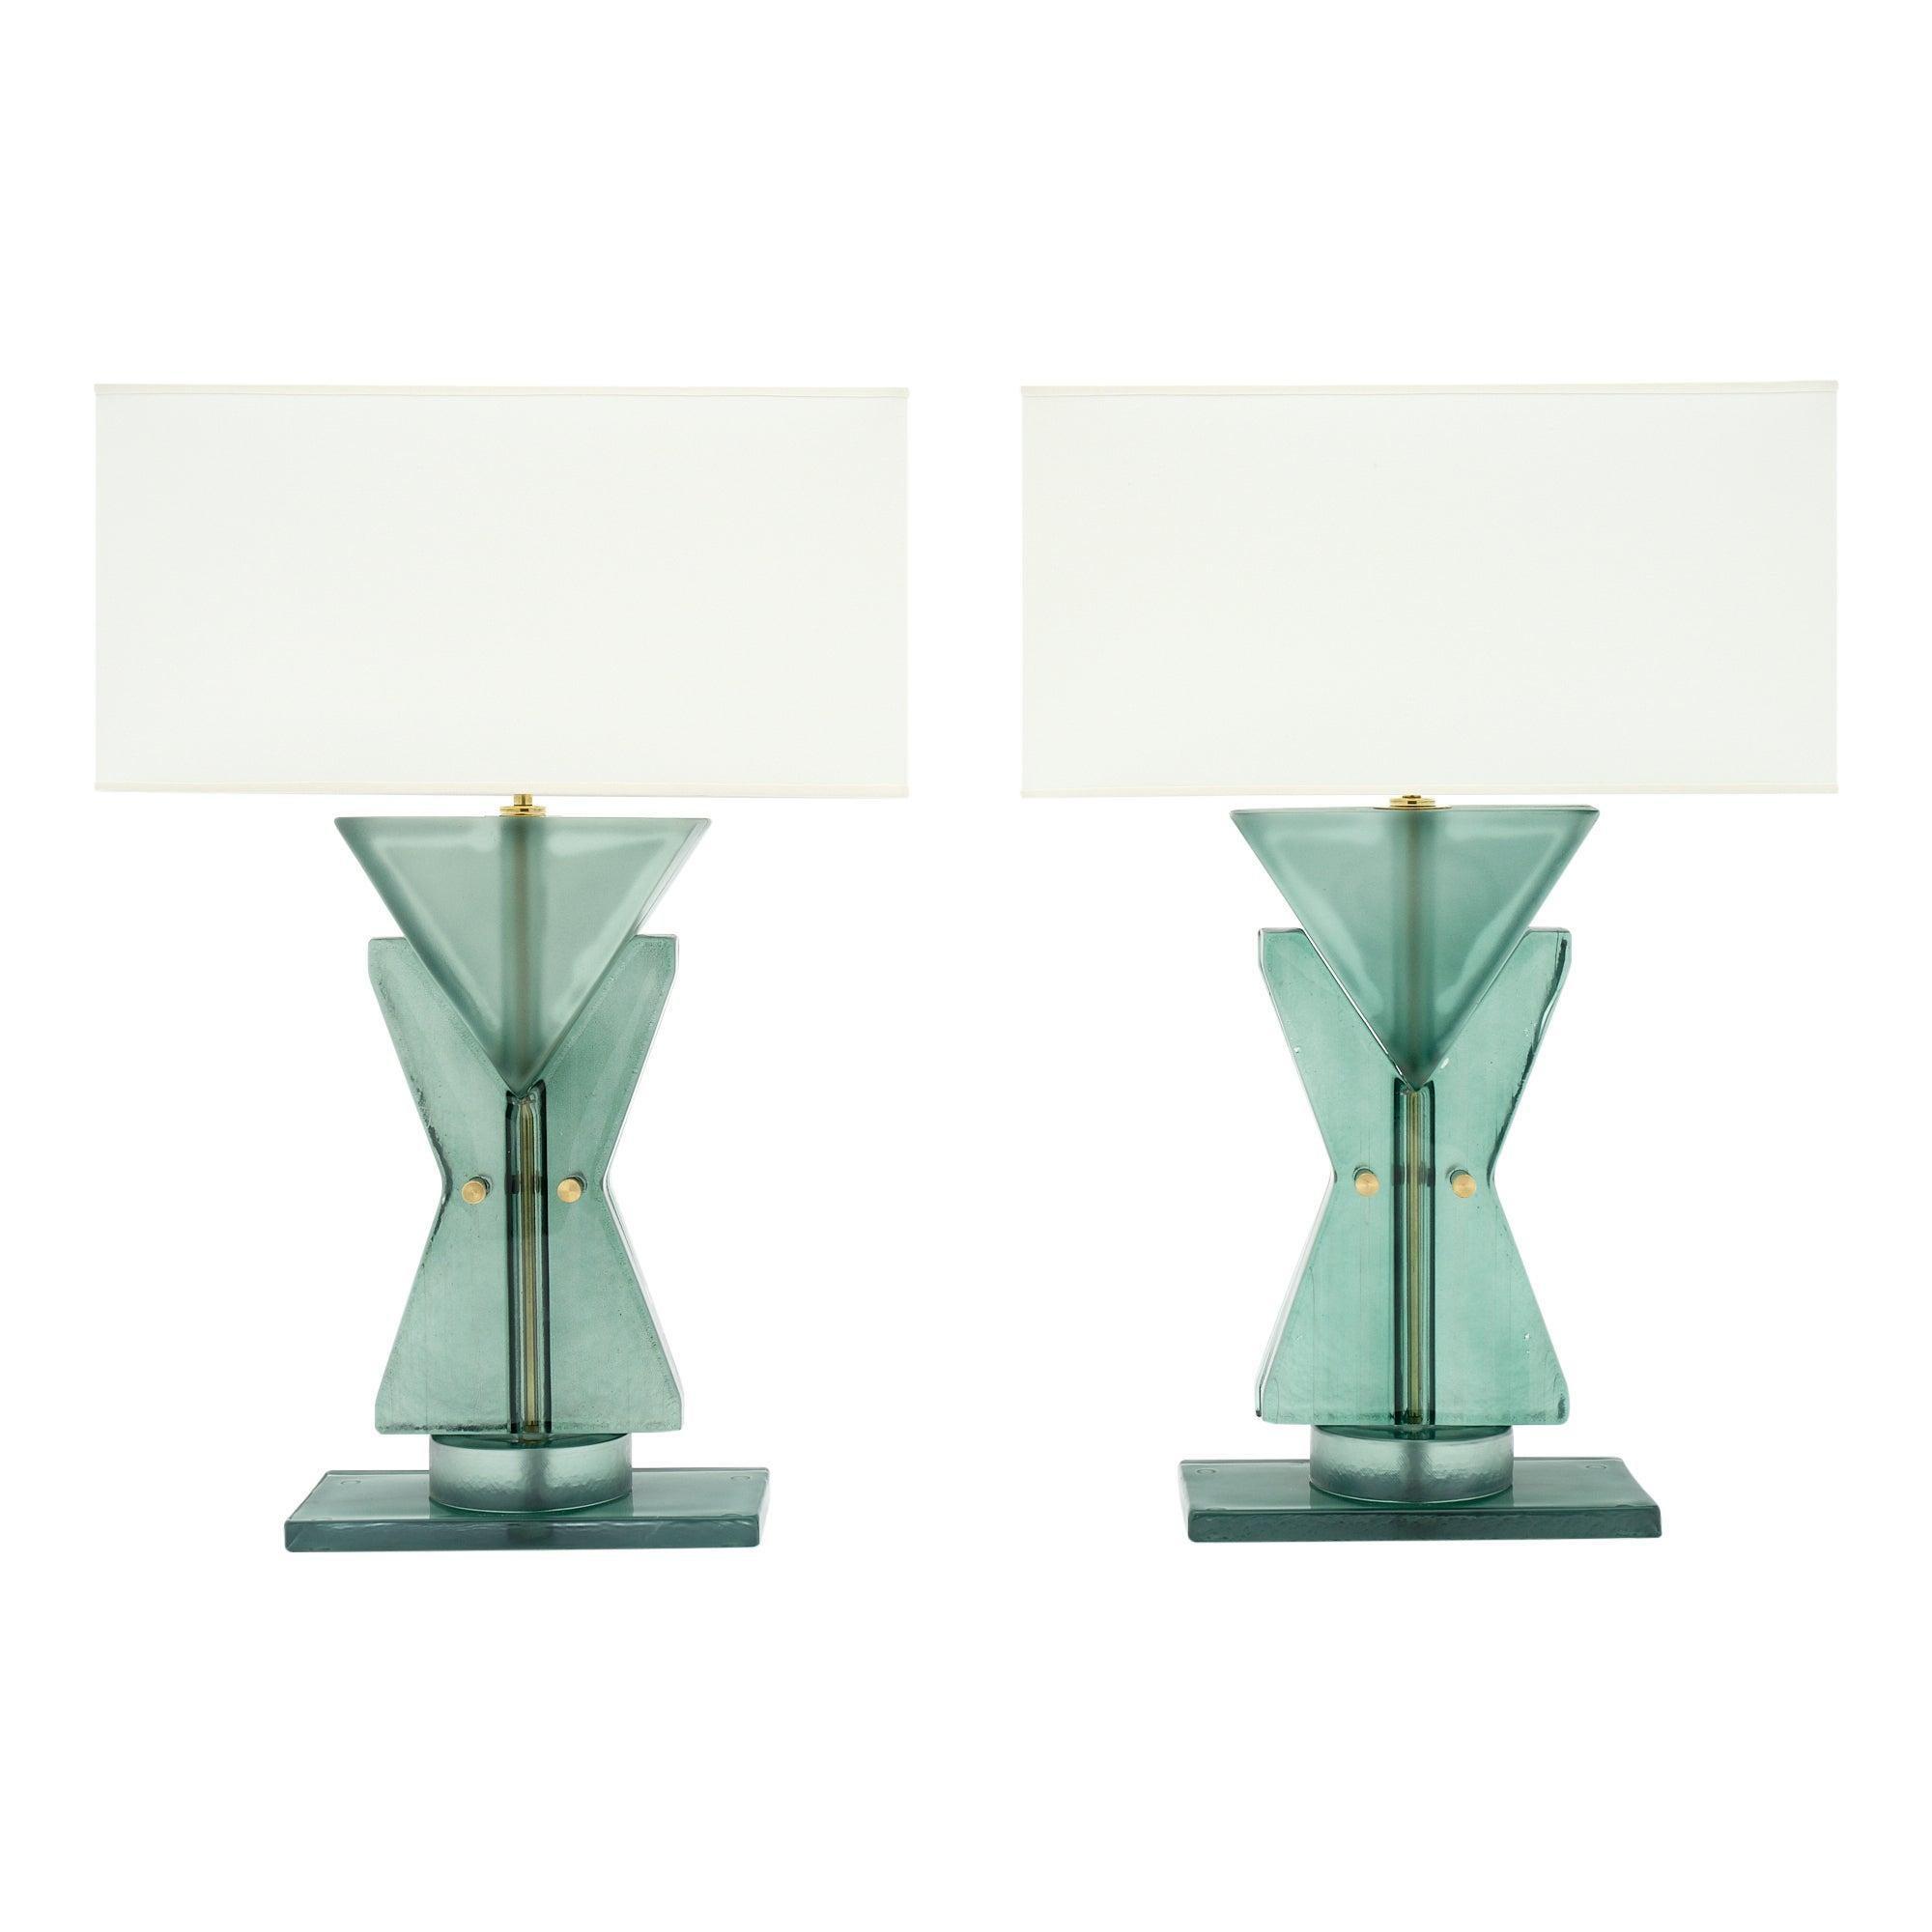 Murano Glass Teal Geometric TOTEM Lamps